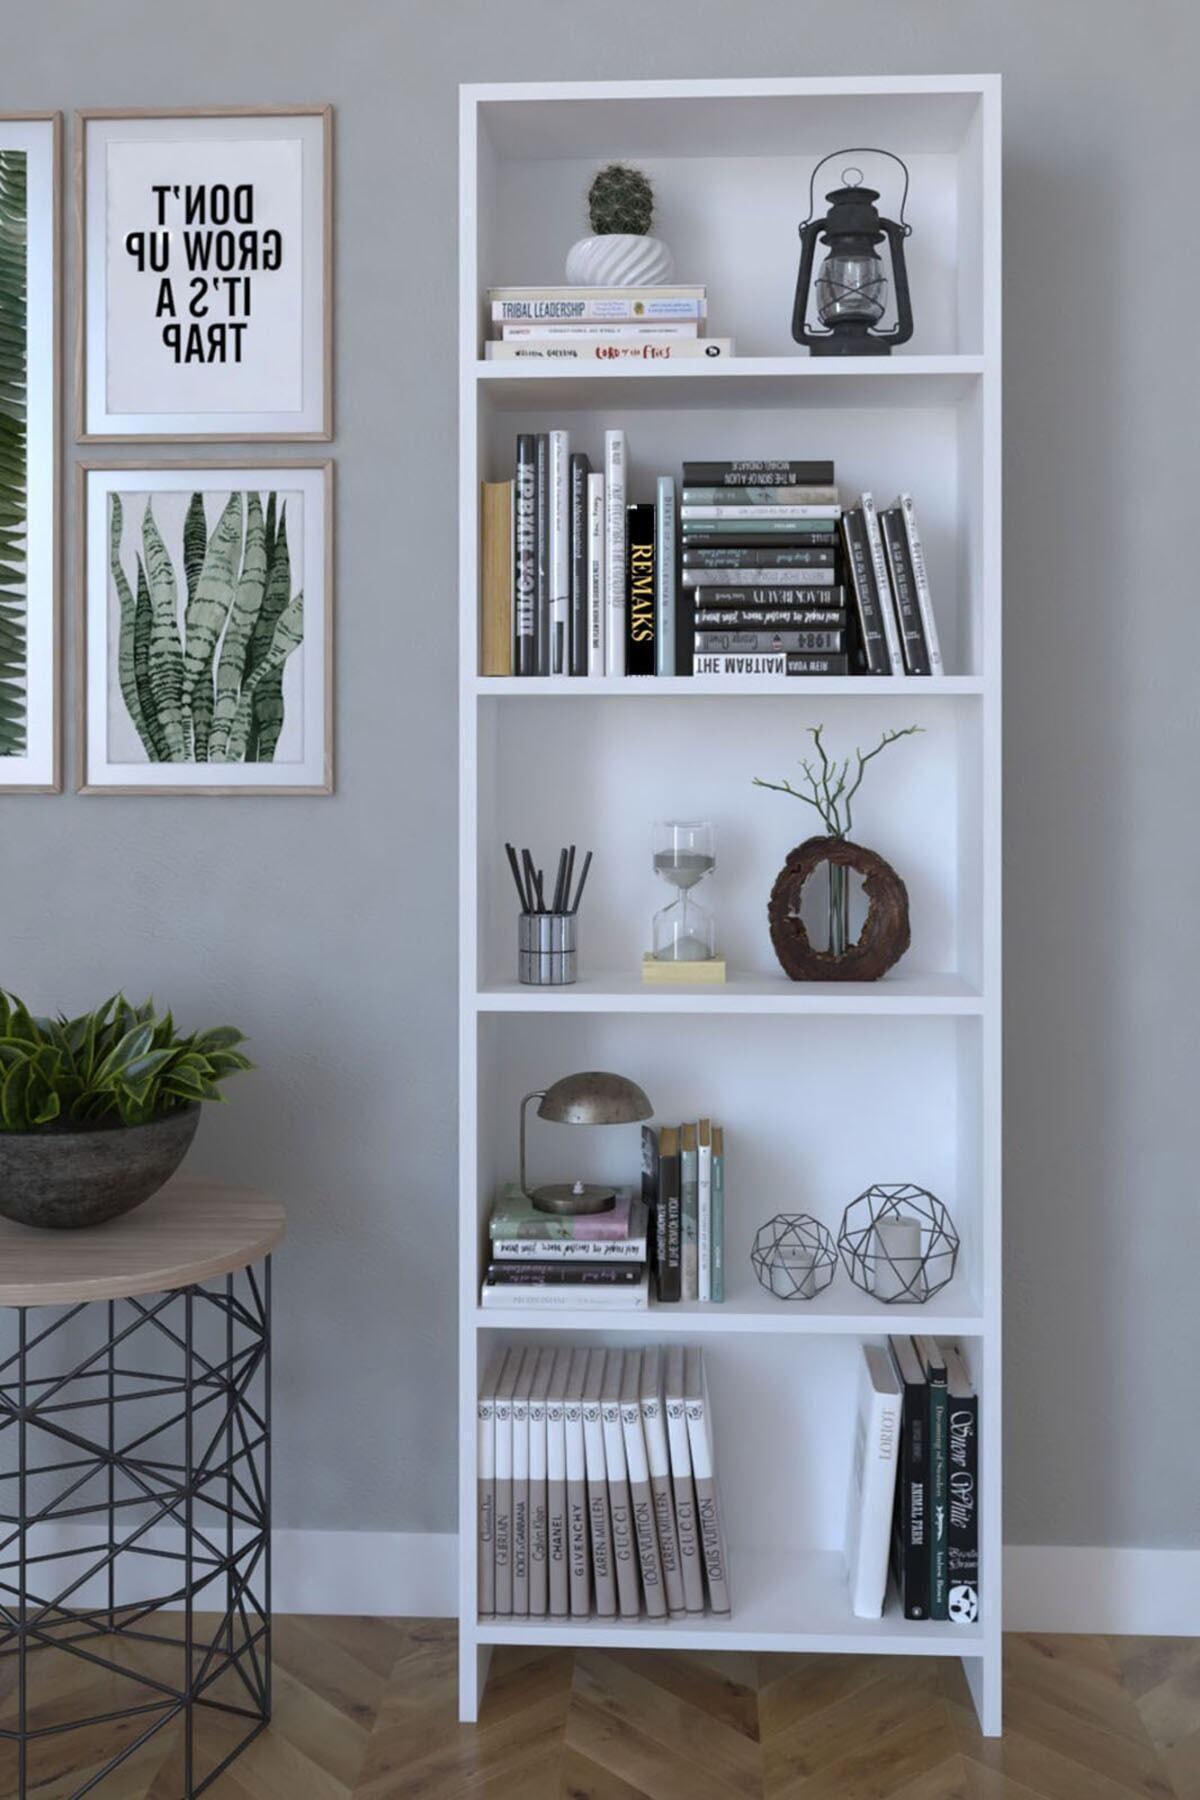 5 Raflı Modern Kitaplık Dosya Kitap Rafı Ofis Ev Rafı Kitap Raf Beyaz